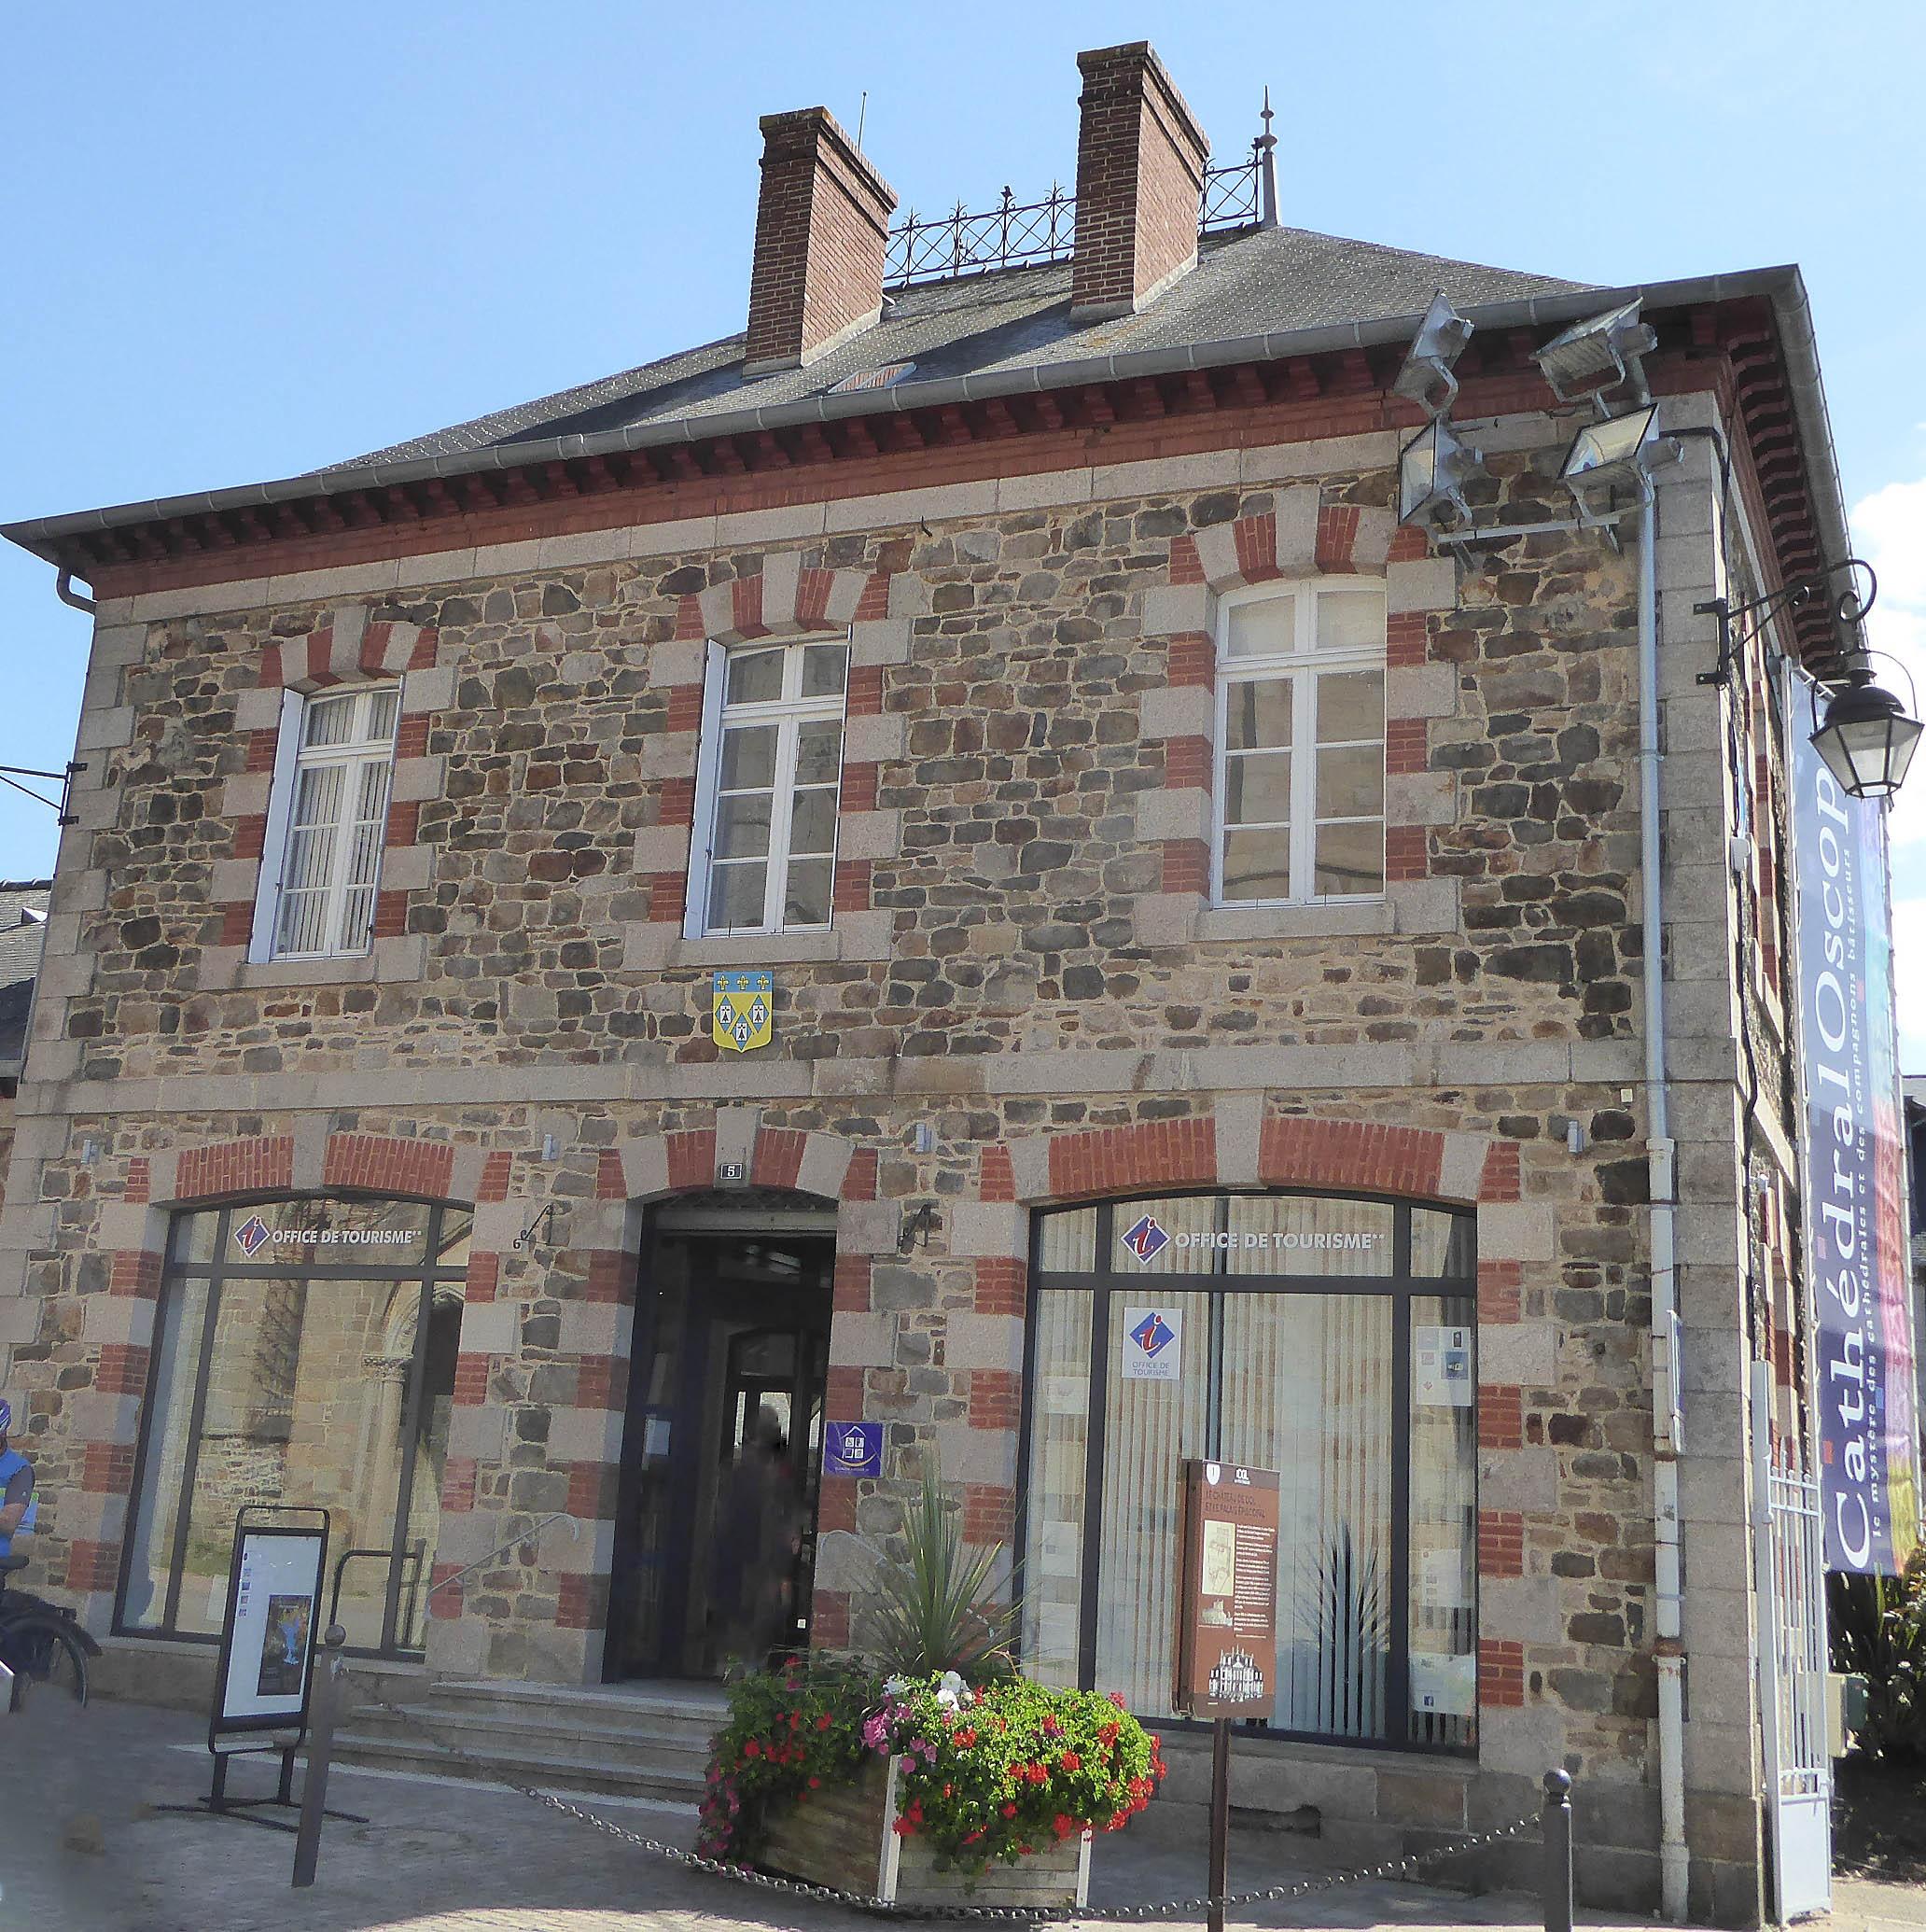 Office tourisme dol de bretagne - Office de tourisme ille et vilaine ...